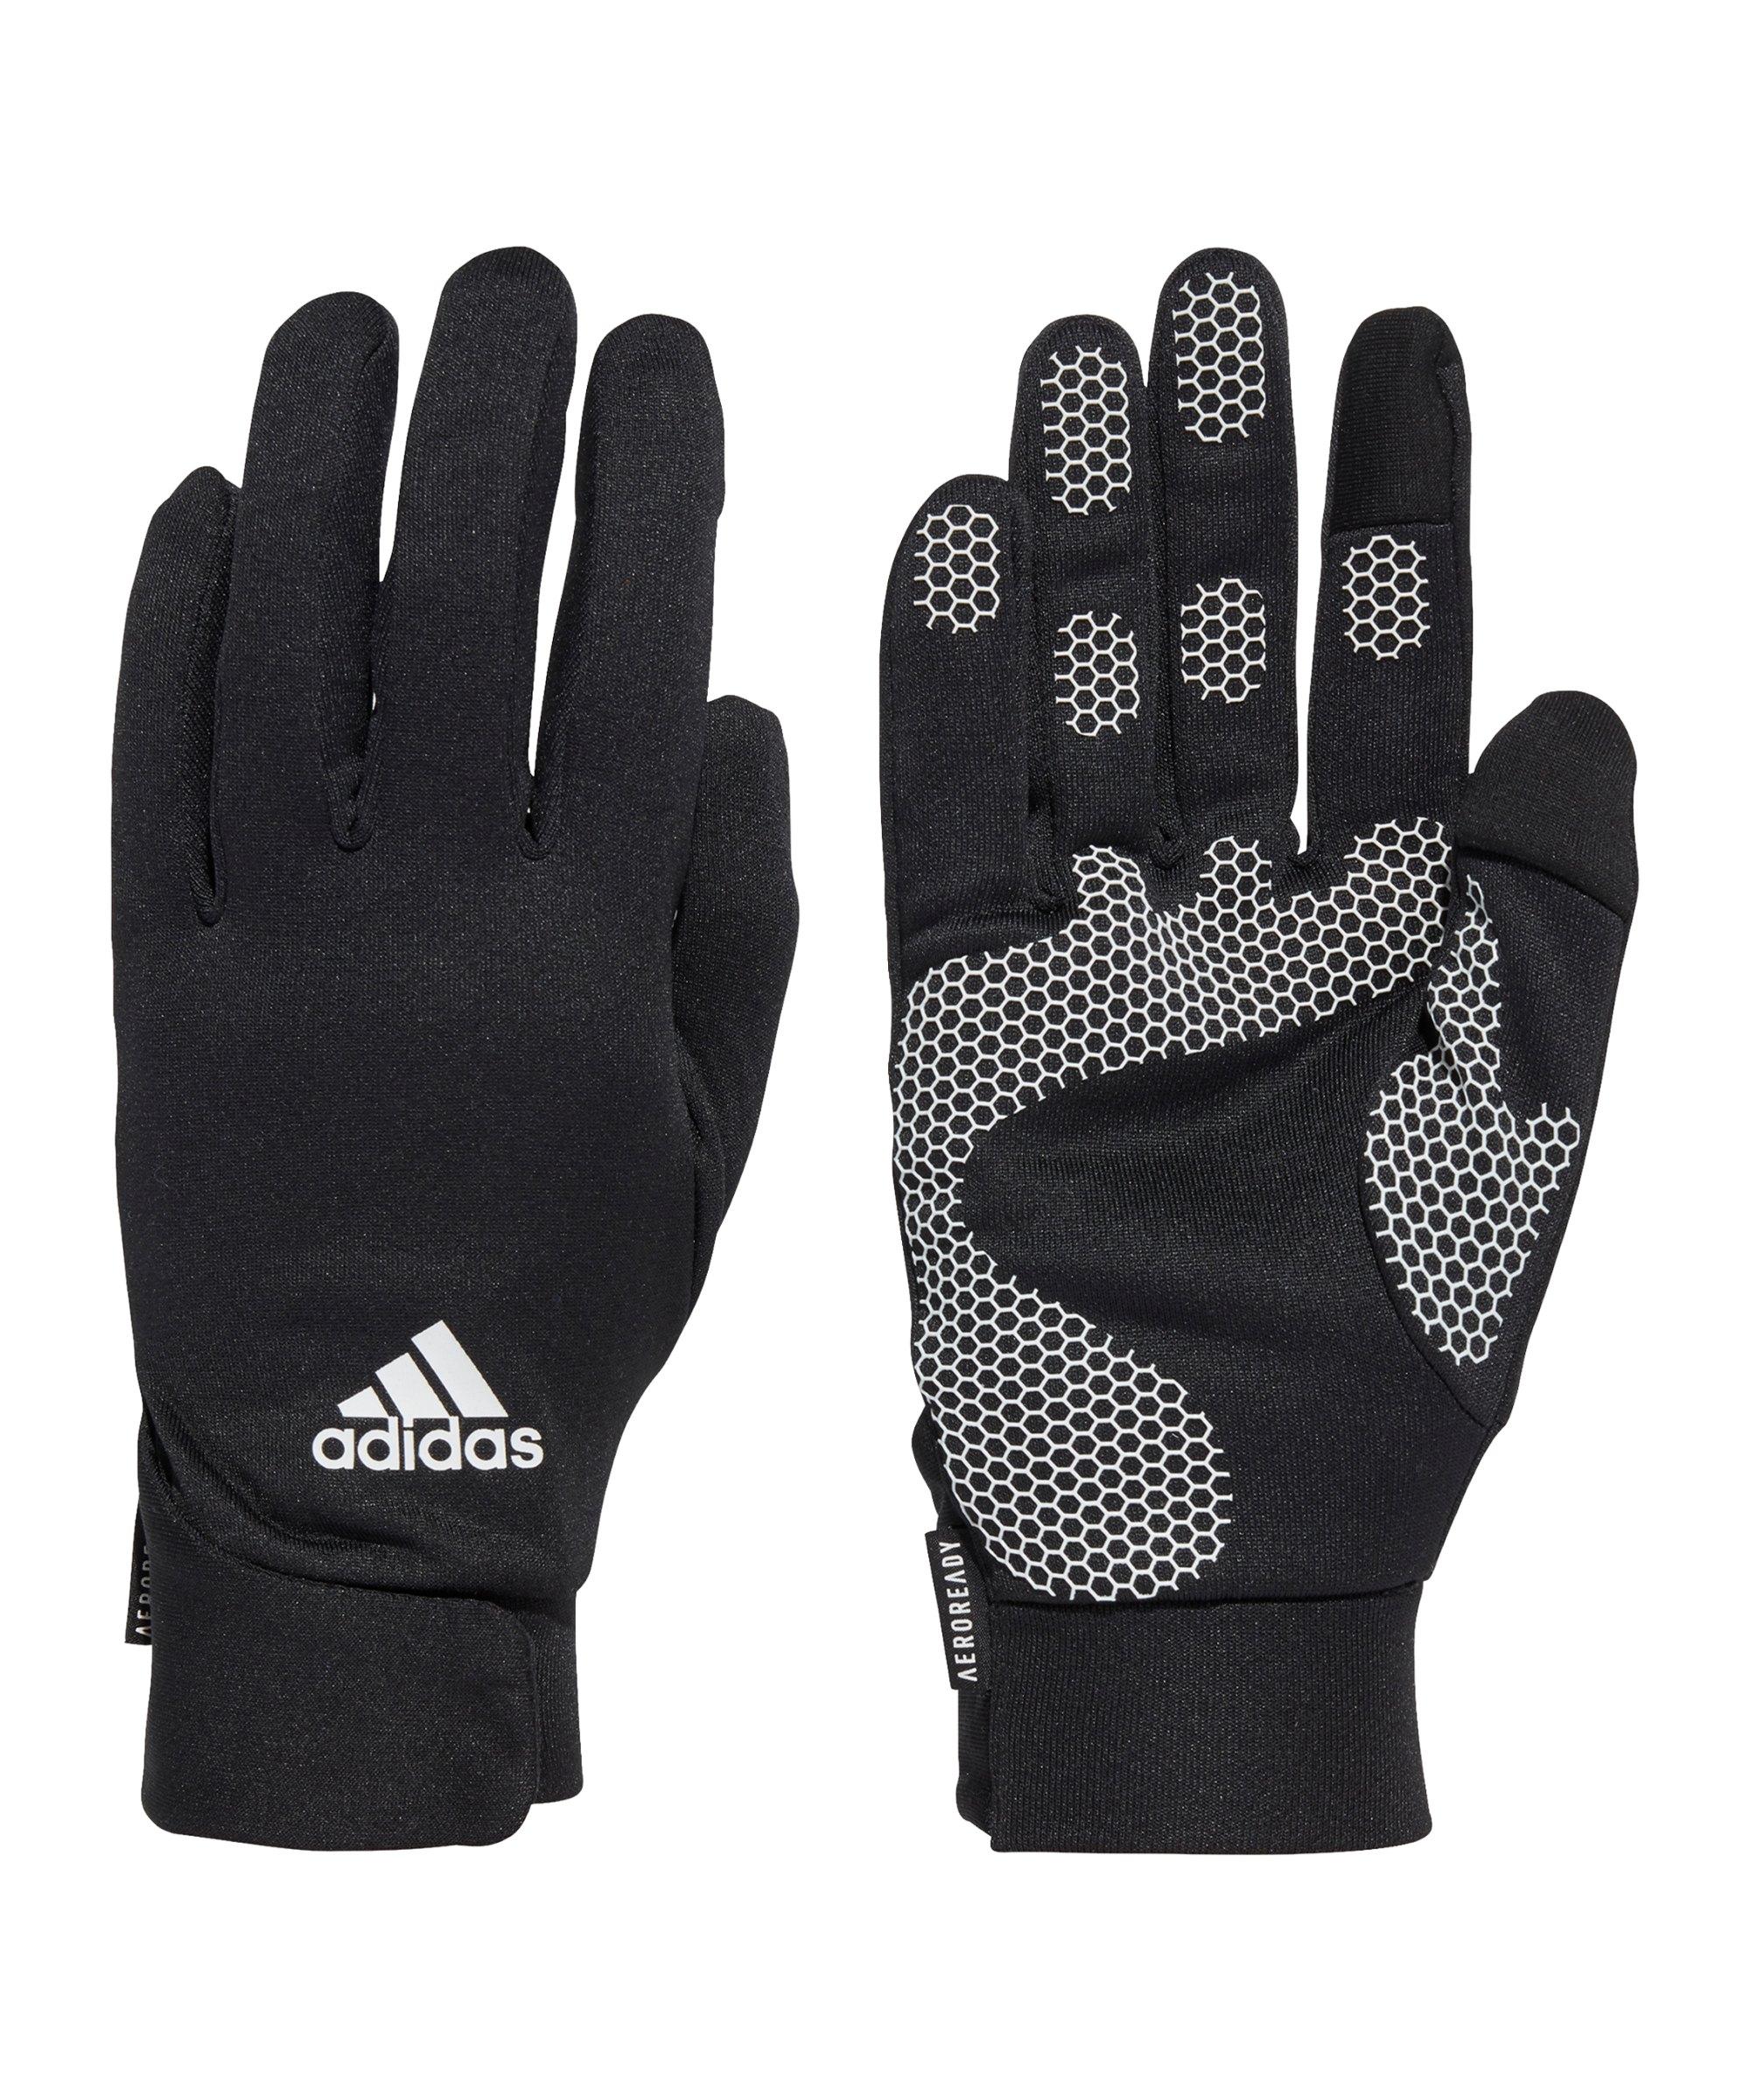 adidas Condivo Feldspielerhandschuhe Schwarz - schwarz